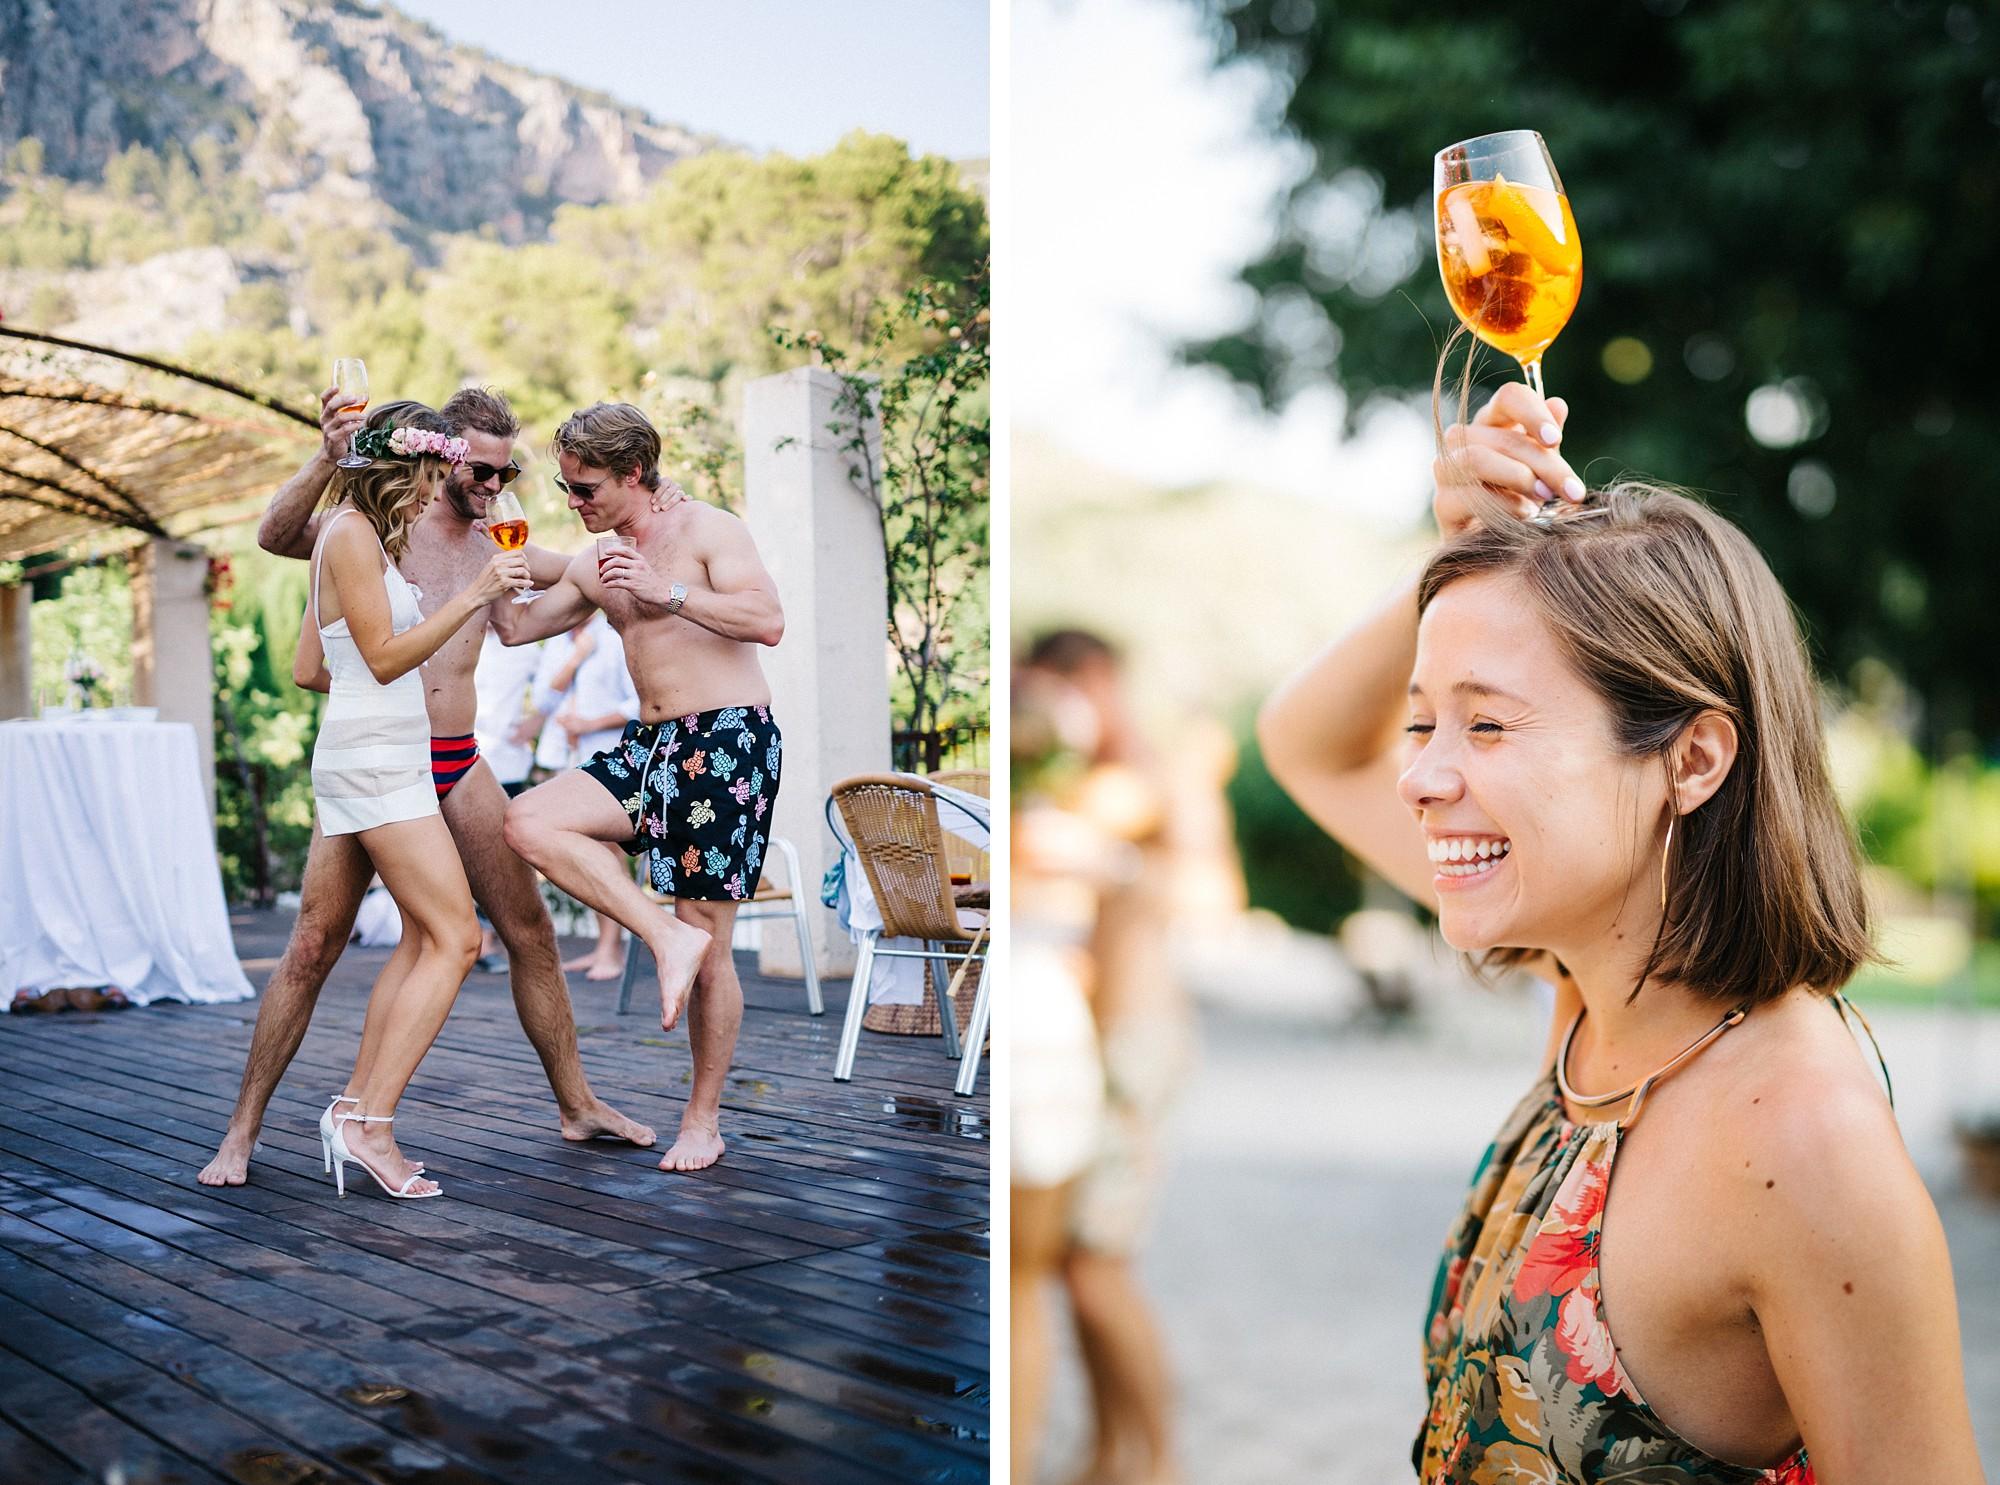 fotografos de boda en valencia barcelona mallorca wedding photographer163.jpg